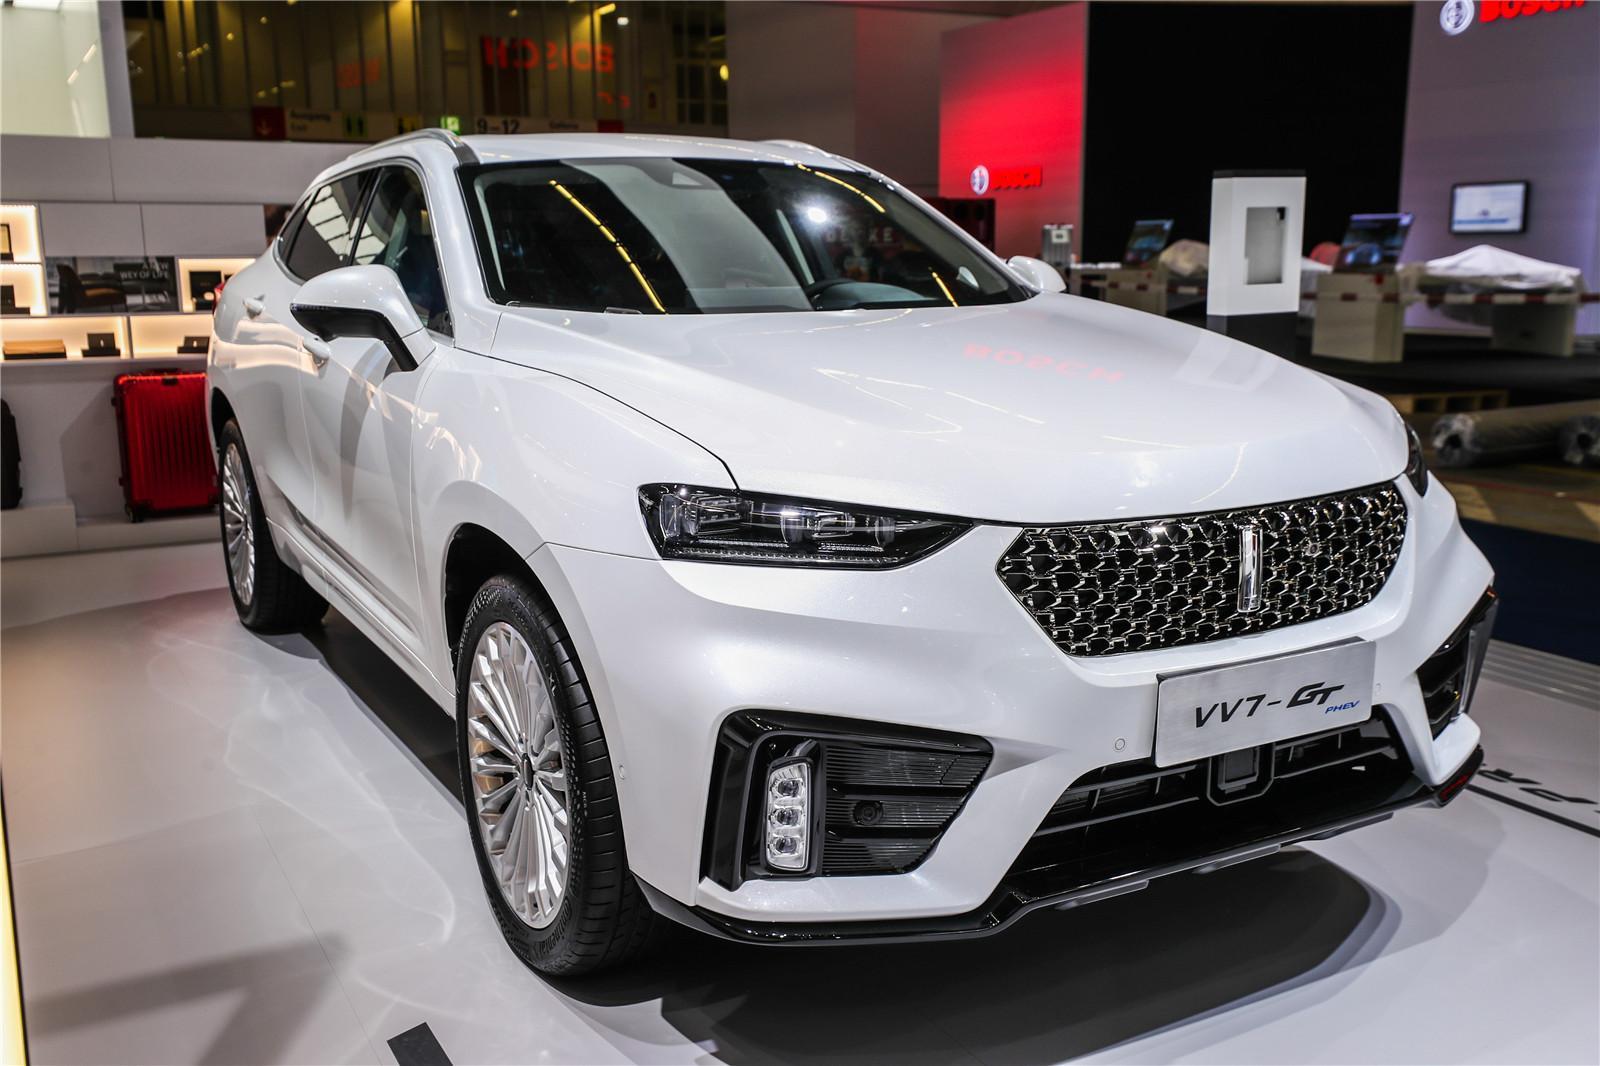 На недавно открывшемся автосалоне во Франкфурте команда тюнинг-ателье Brabus вместе с автопроизводителем Wey представила новый проект – VV7 GT Pro.